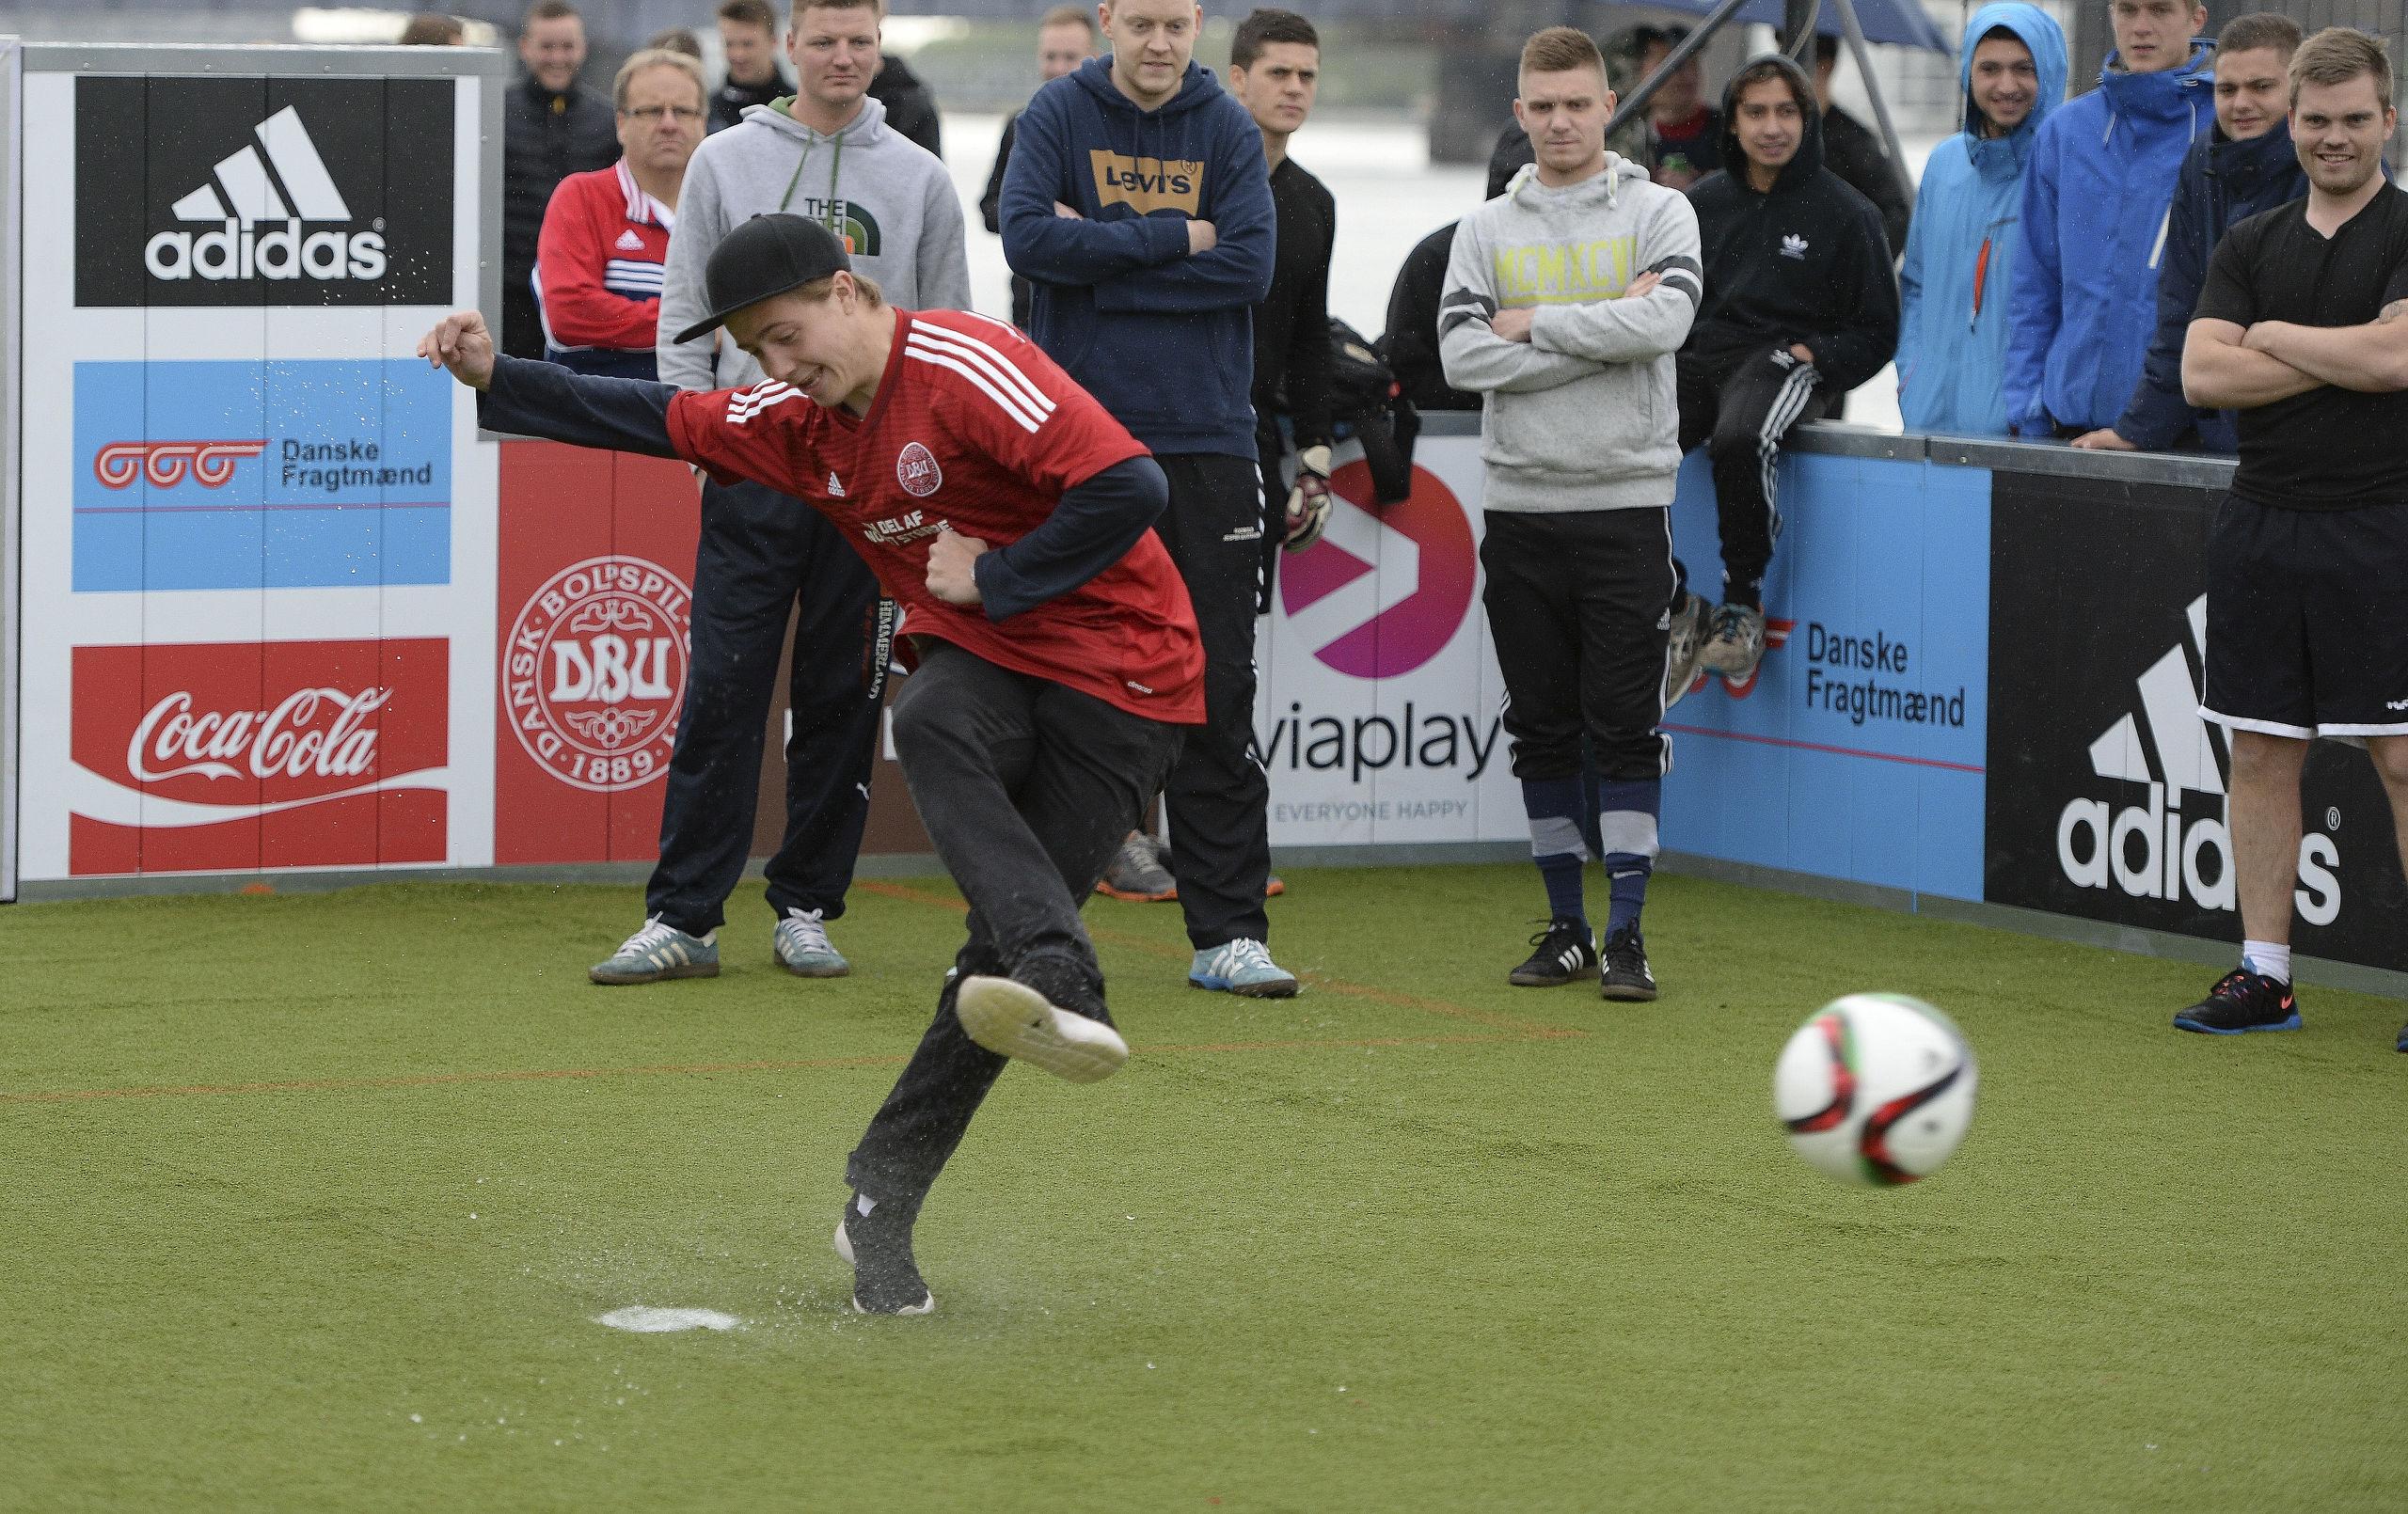 Mååååål: Fodboldfest vender tilbage til Aalborg